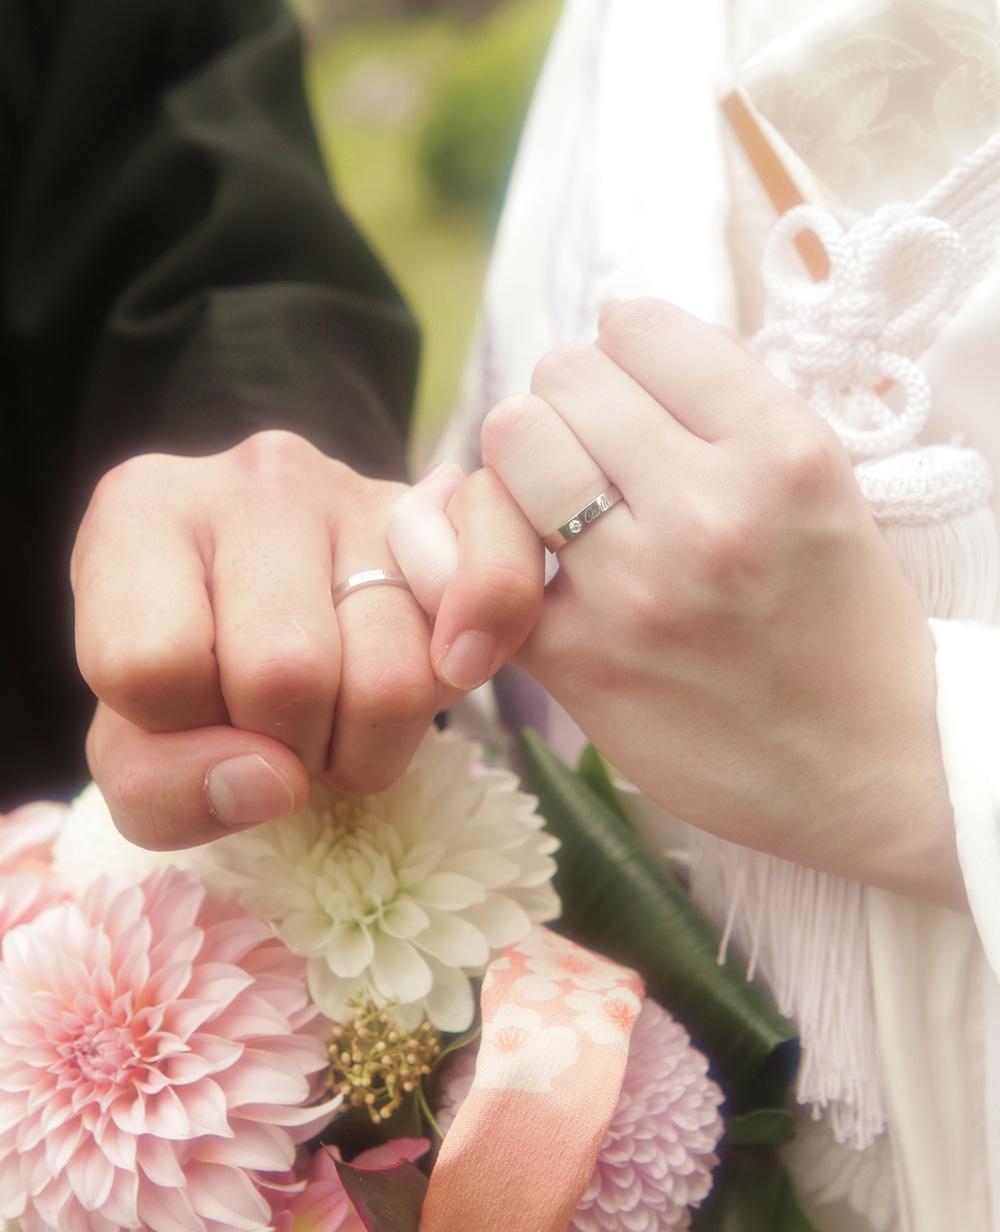 庭園美術館で叶えた結婚式